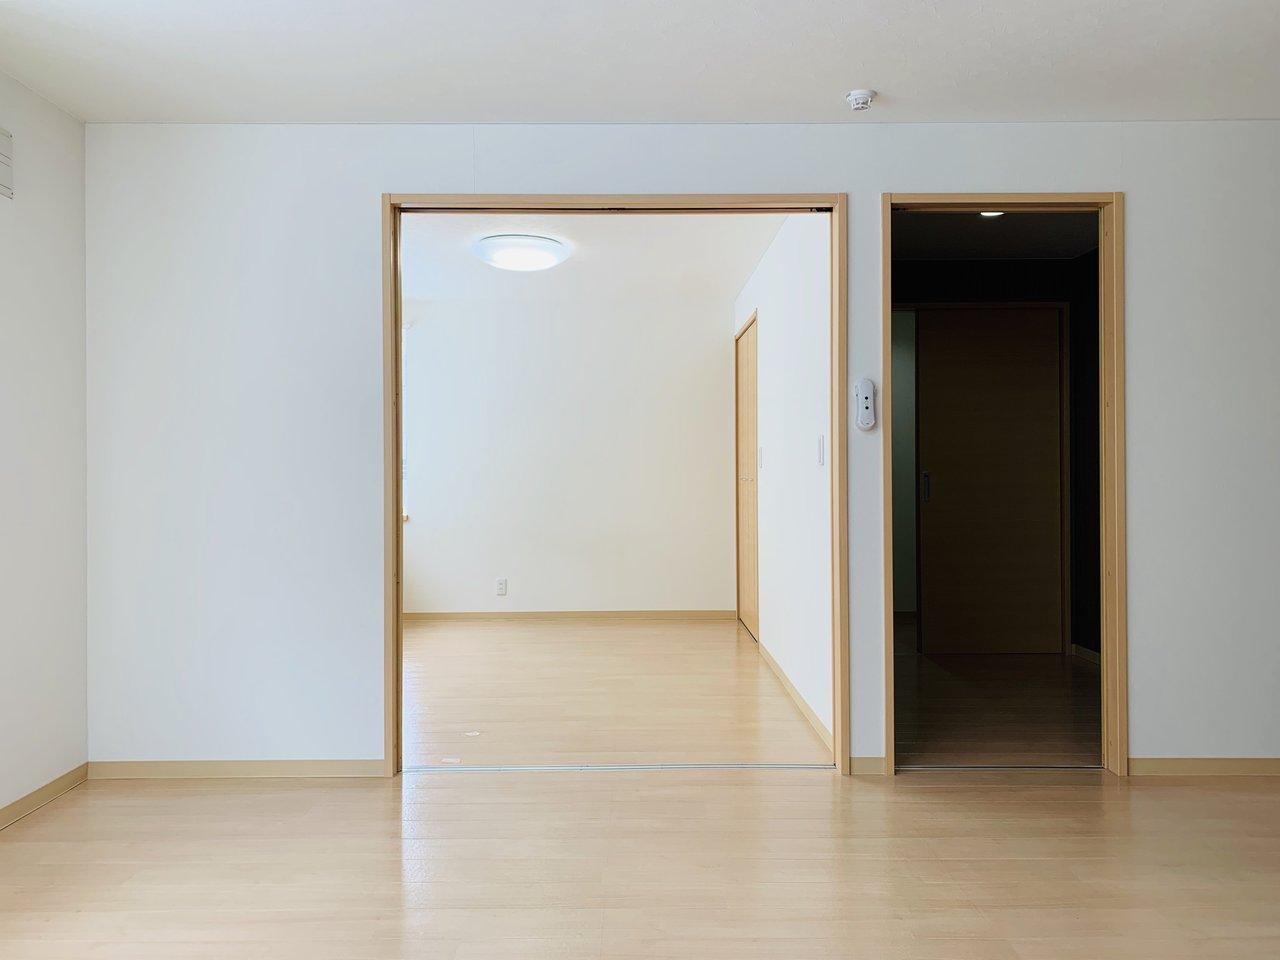 洋室と寝室の間の扉を開け放せば、かなり開放感のある印象に。寝室側も6畳あるので、ダブルベッドを置いても十分な広さ。贅沢に一人暮らしを楽しみましょう!